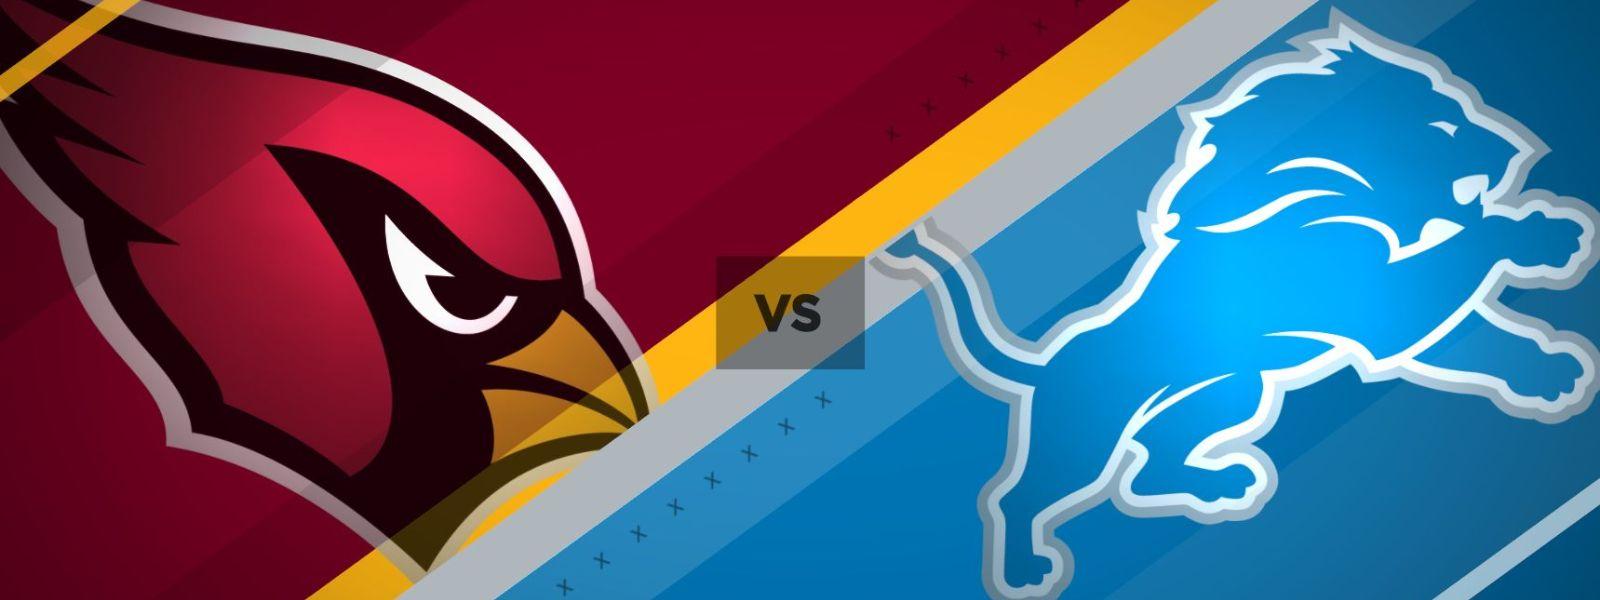 Lions vs. Cardinals